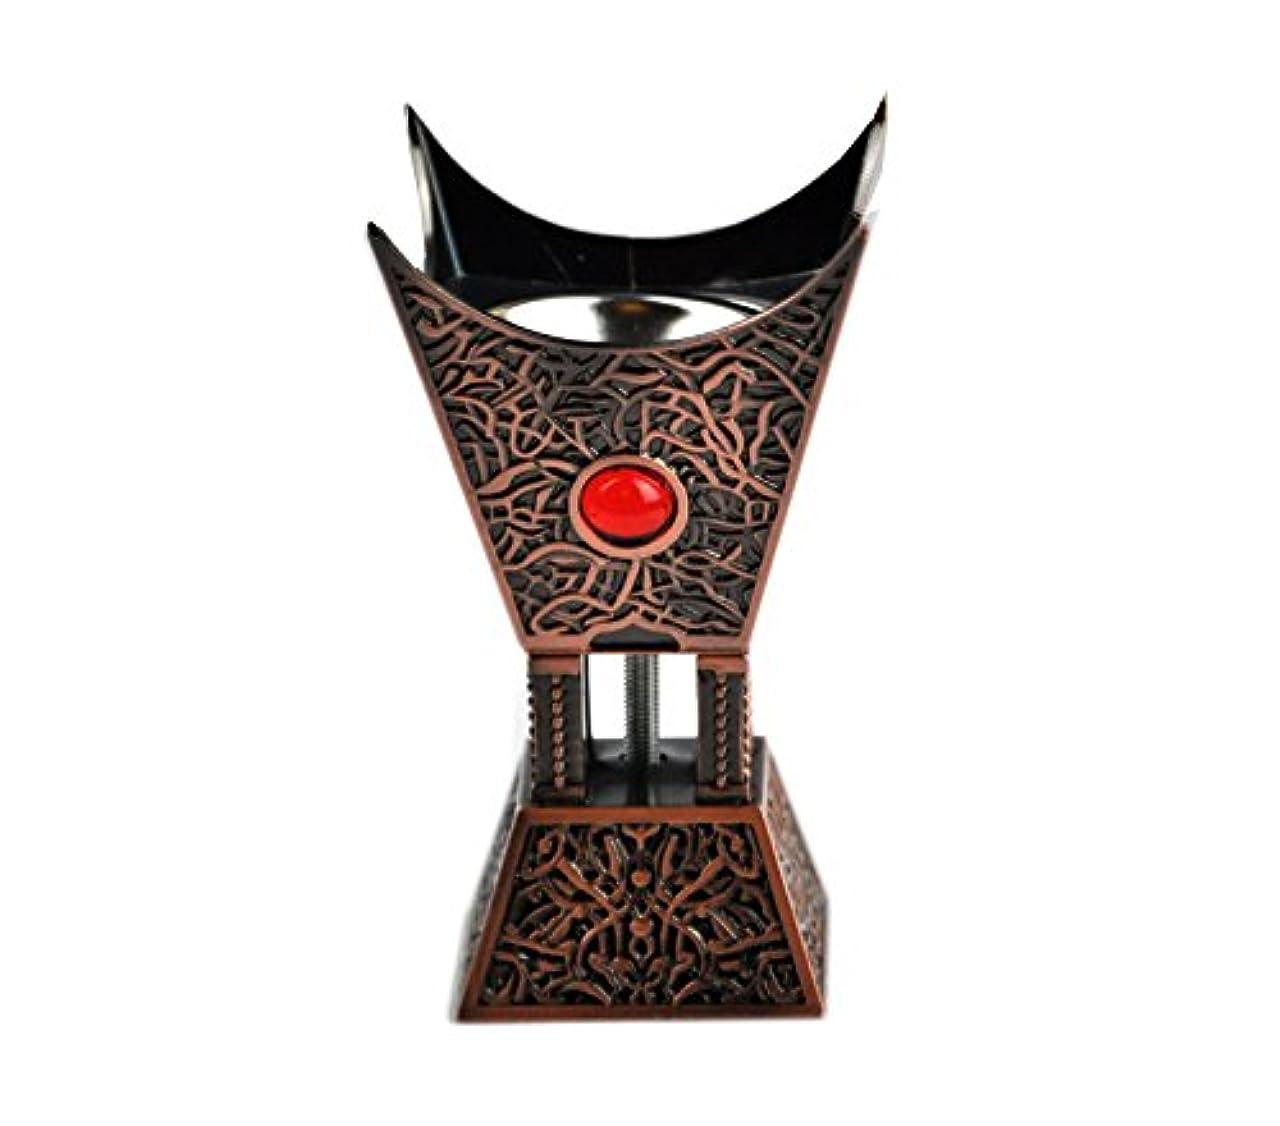 ドック開梱散髪Arabia Incense/bakhoor Burner (Mabkhara) – Oud Burner、ブロンズ、トレイInside – USA Seller